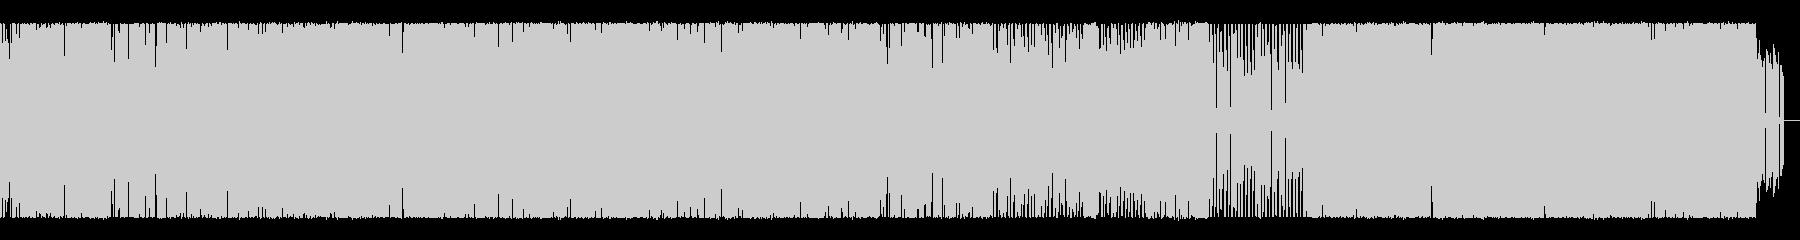 シューティングイメージの未再生の波形